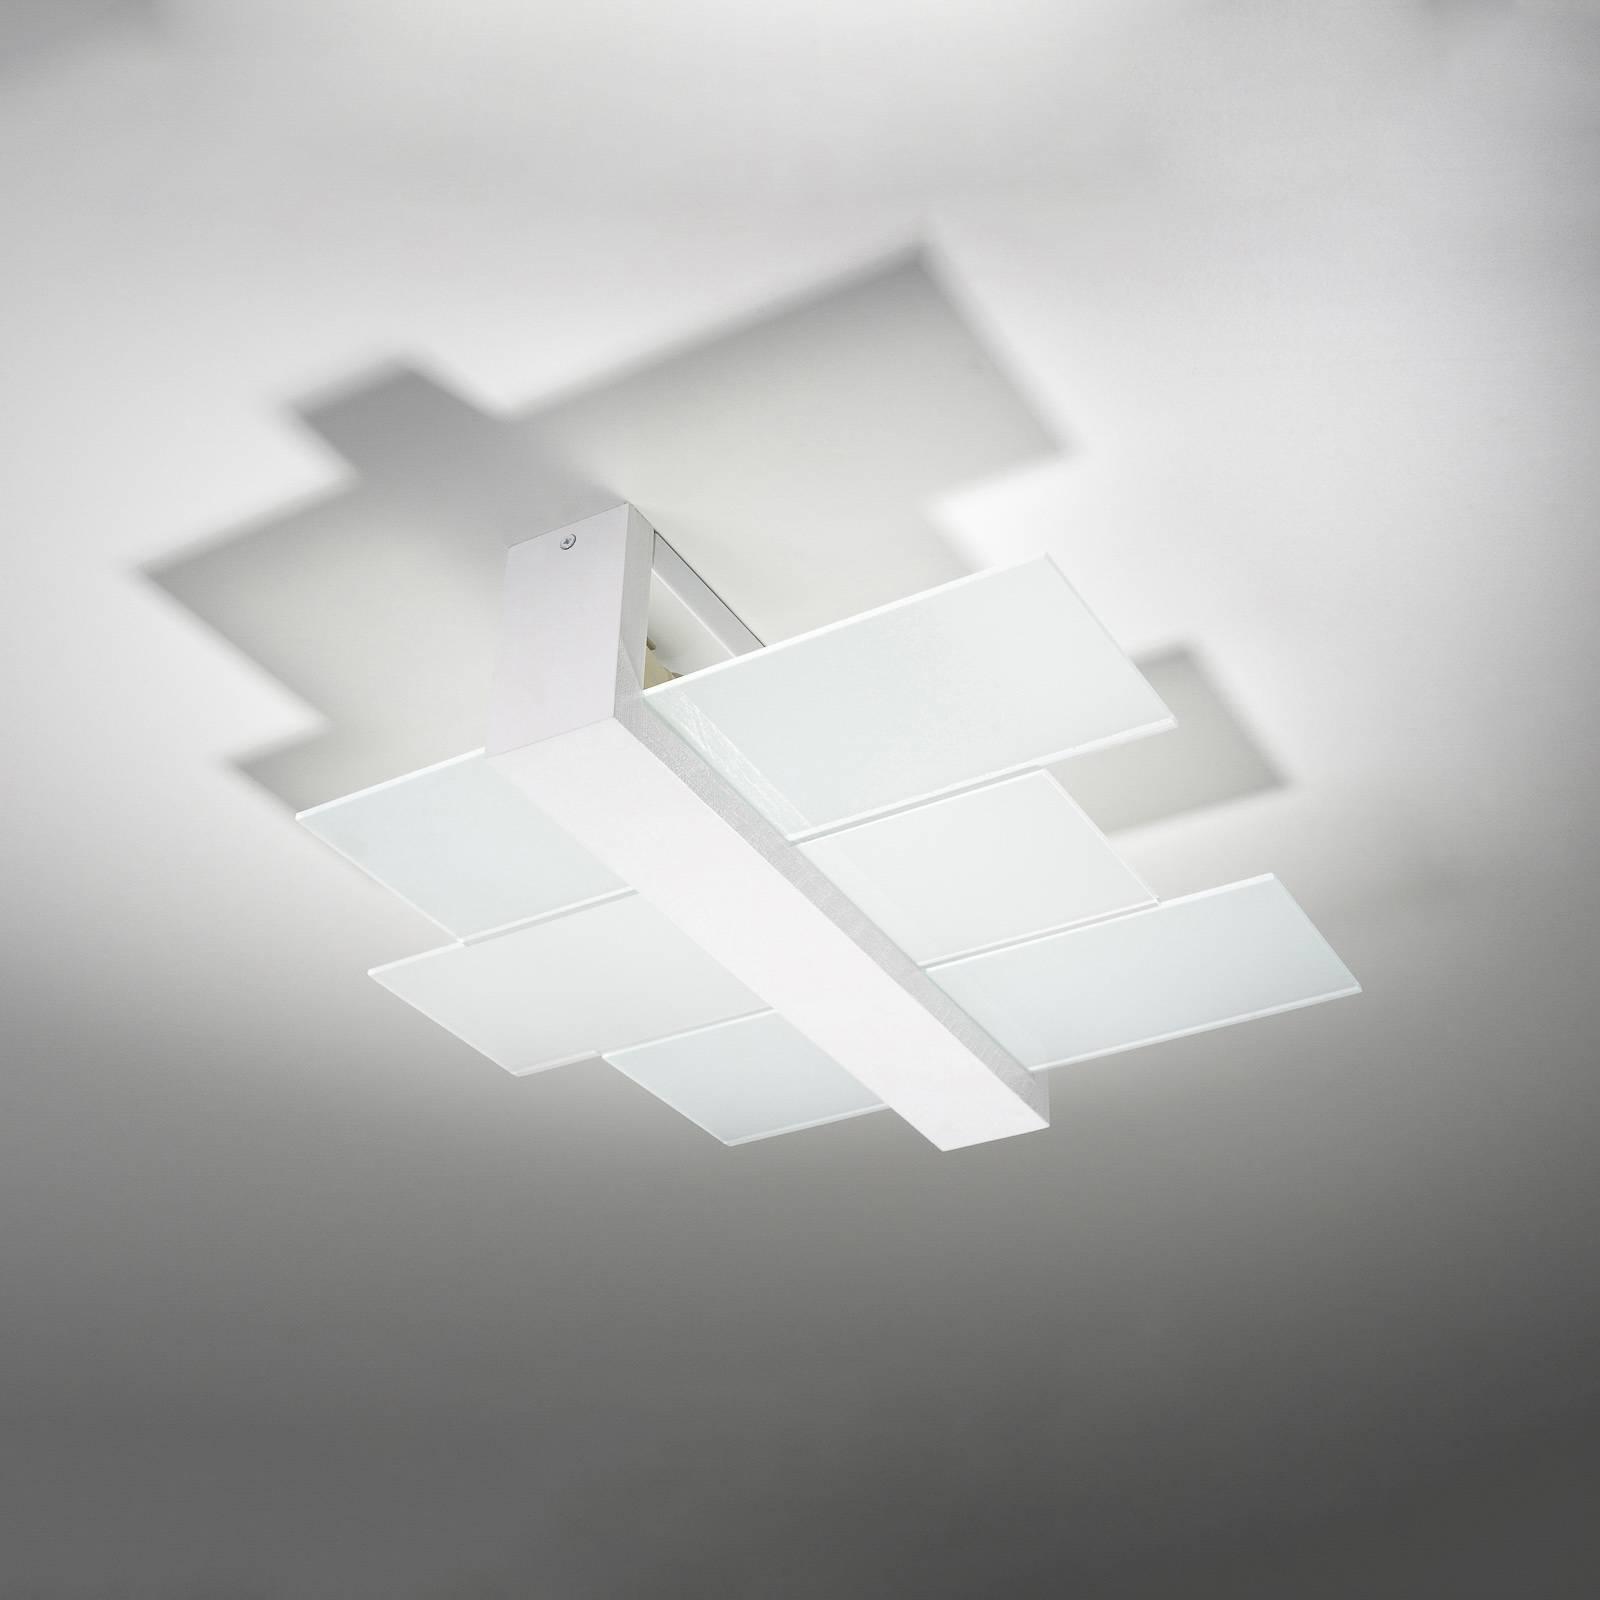 Lampa sufitowa Shifted 2, szkło, biała